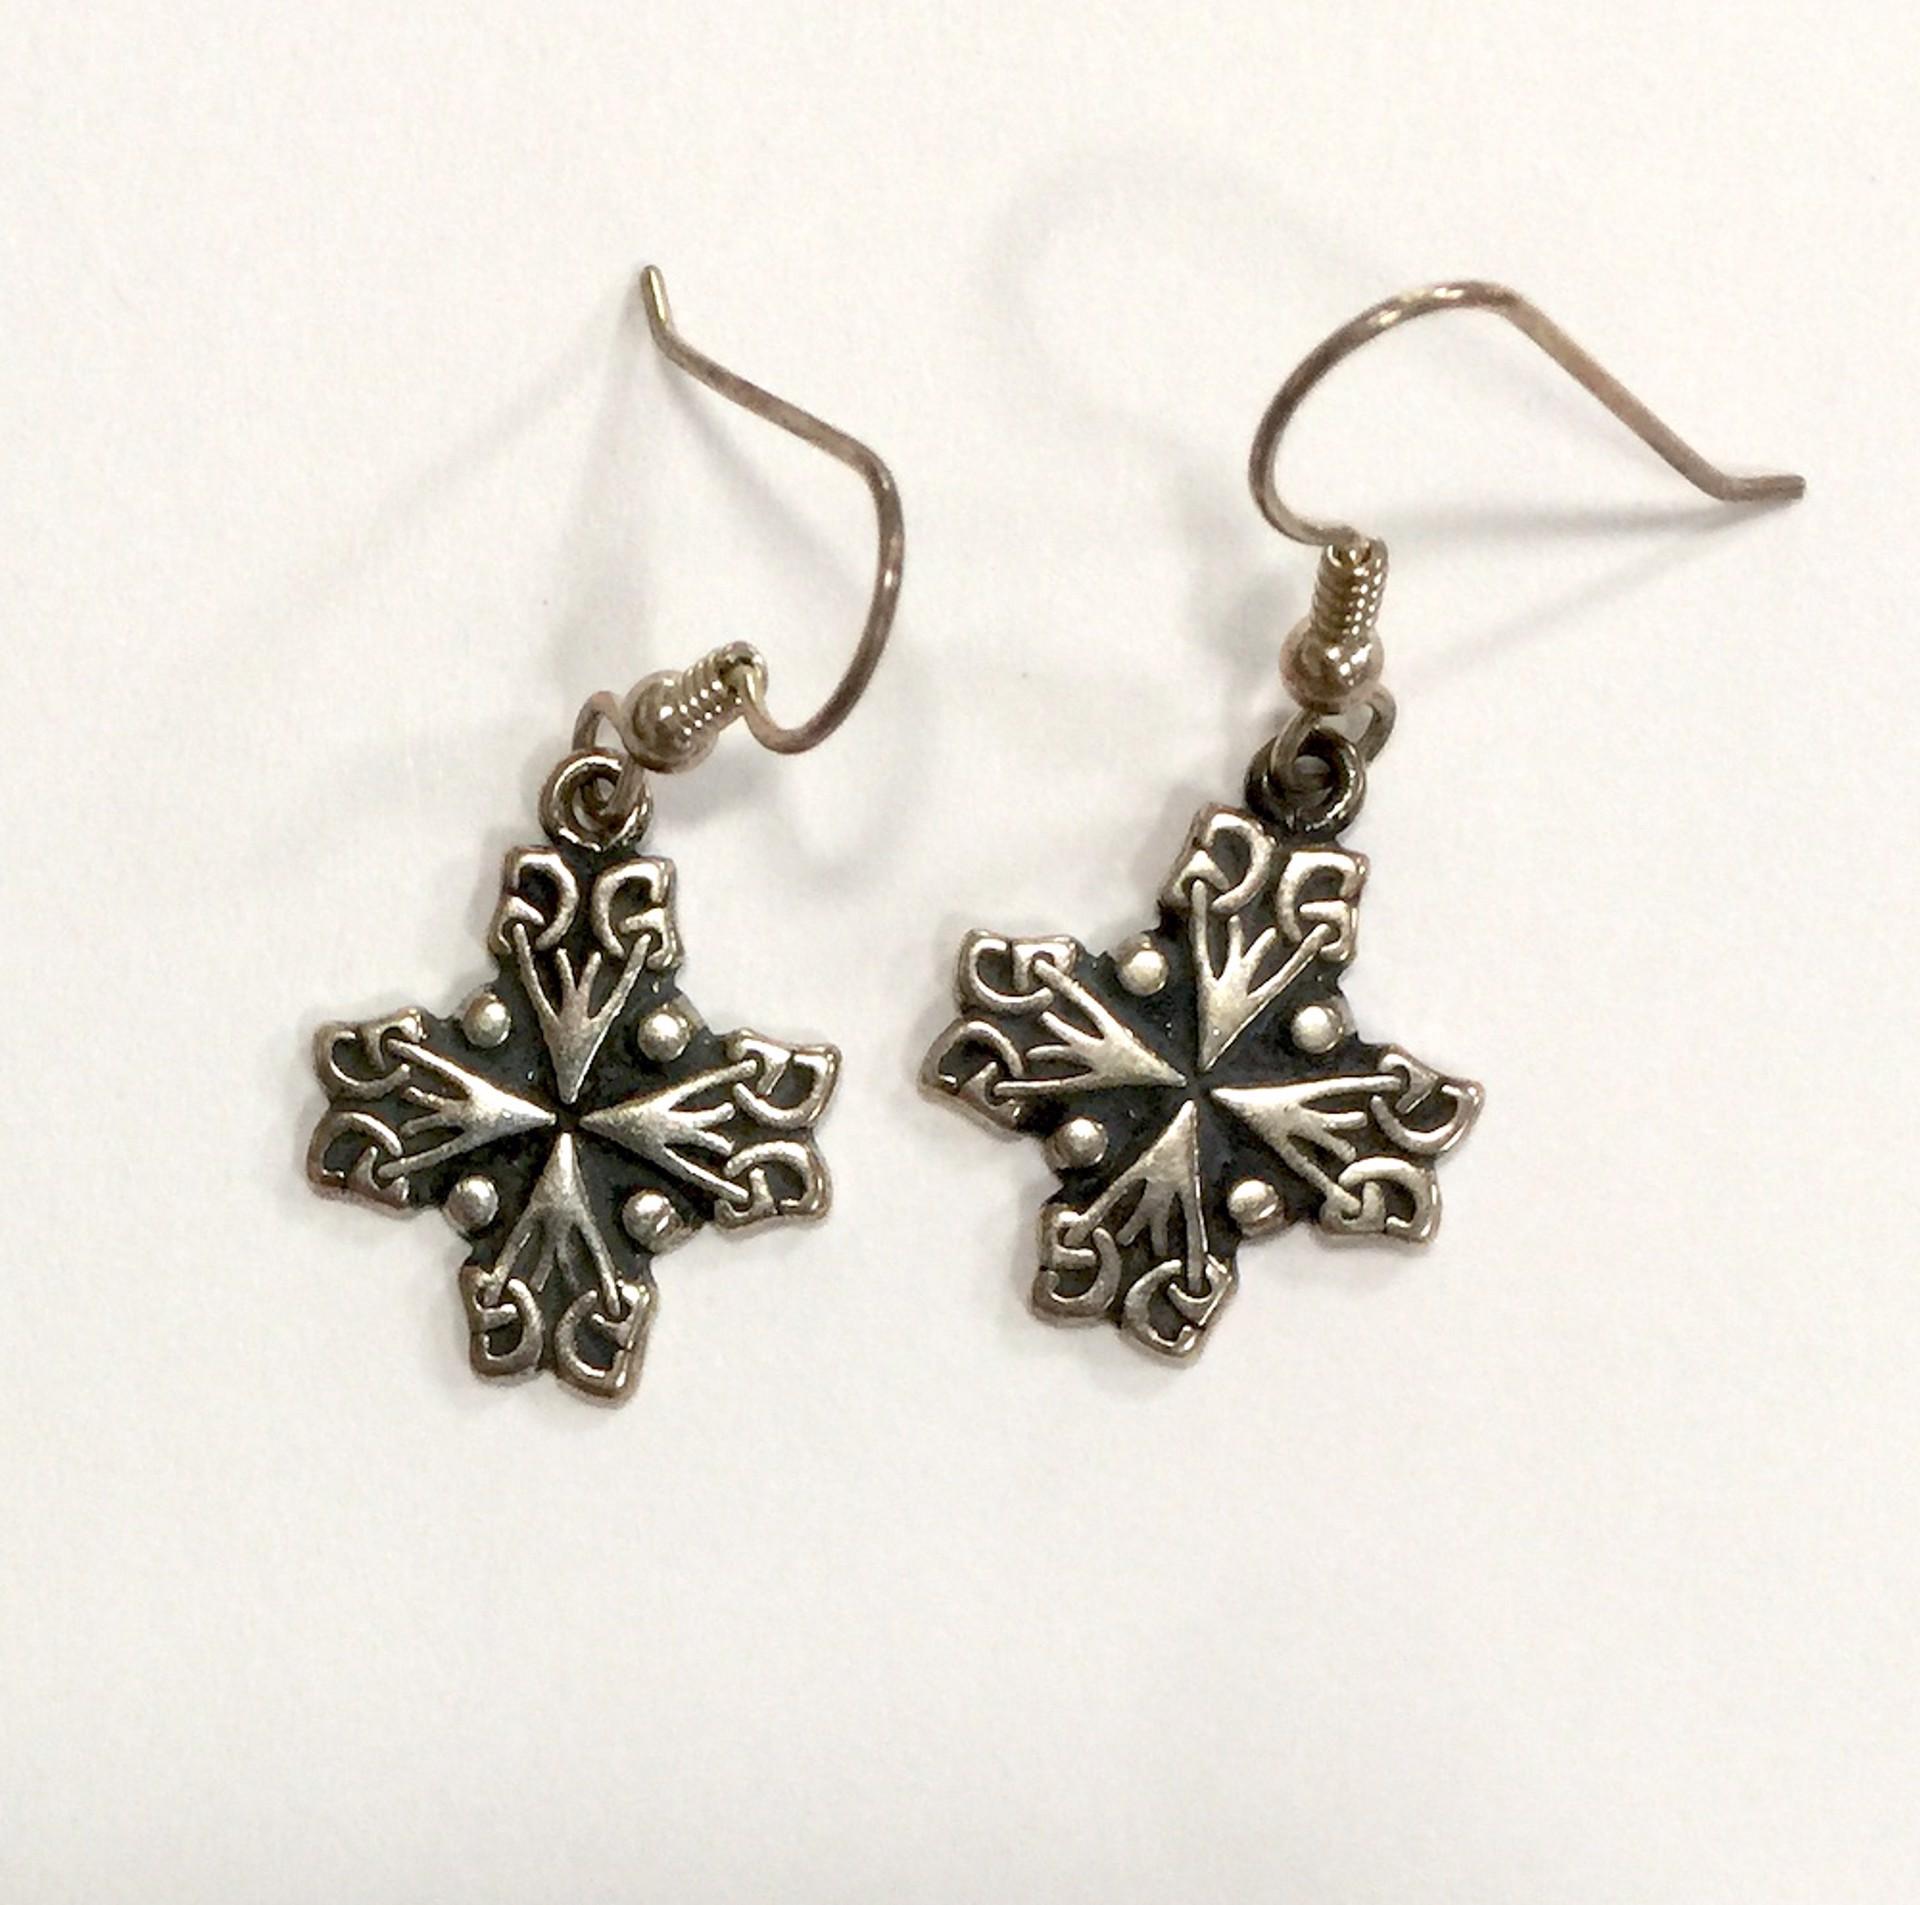 Earrings - Silver Jerusalem Cross 8926 by Deanne McKeown